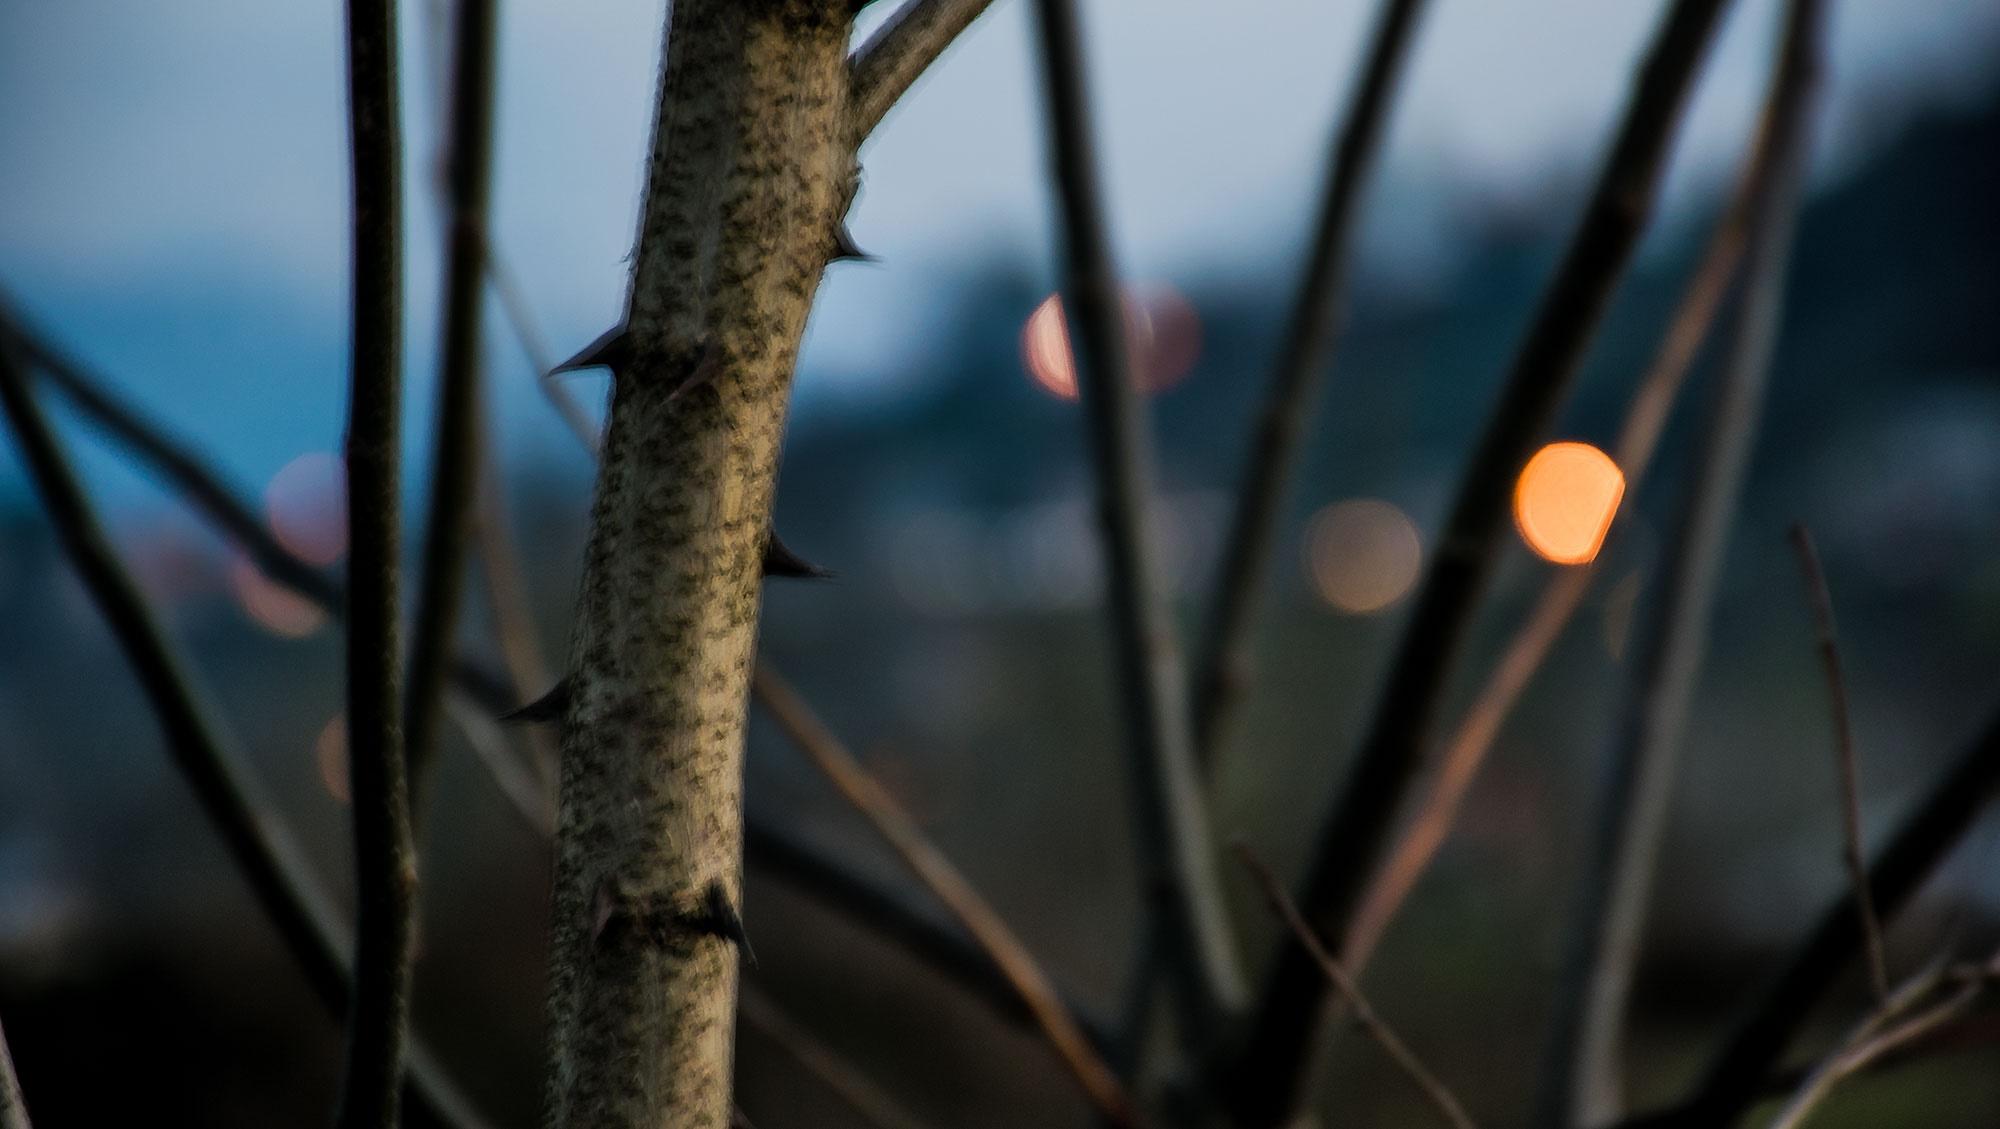 تصویر | چراغ دلت همواره روشن